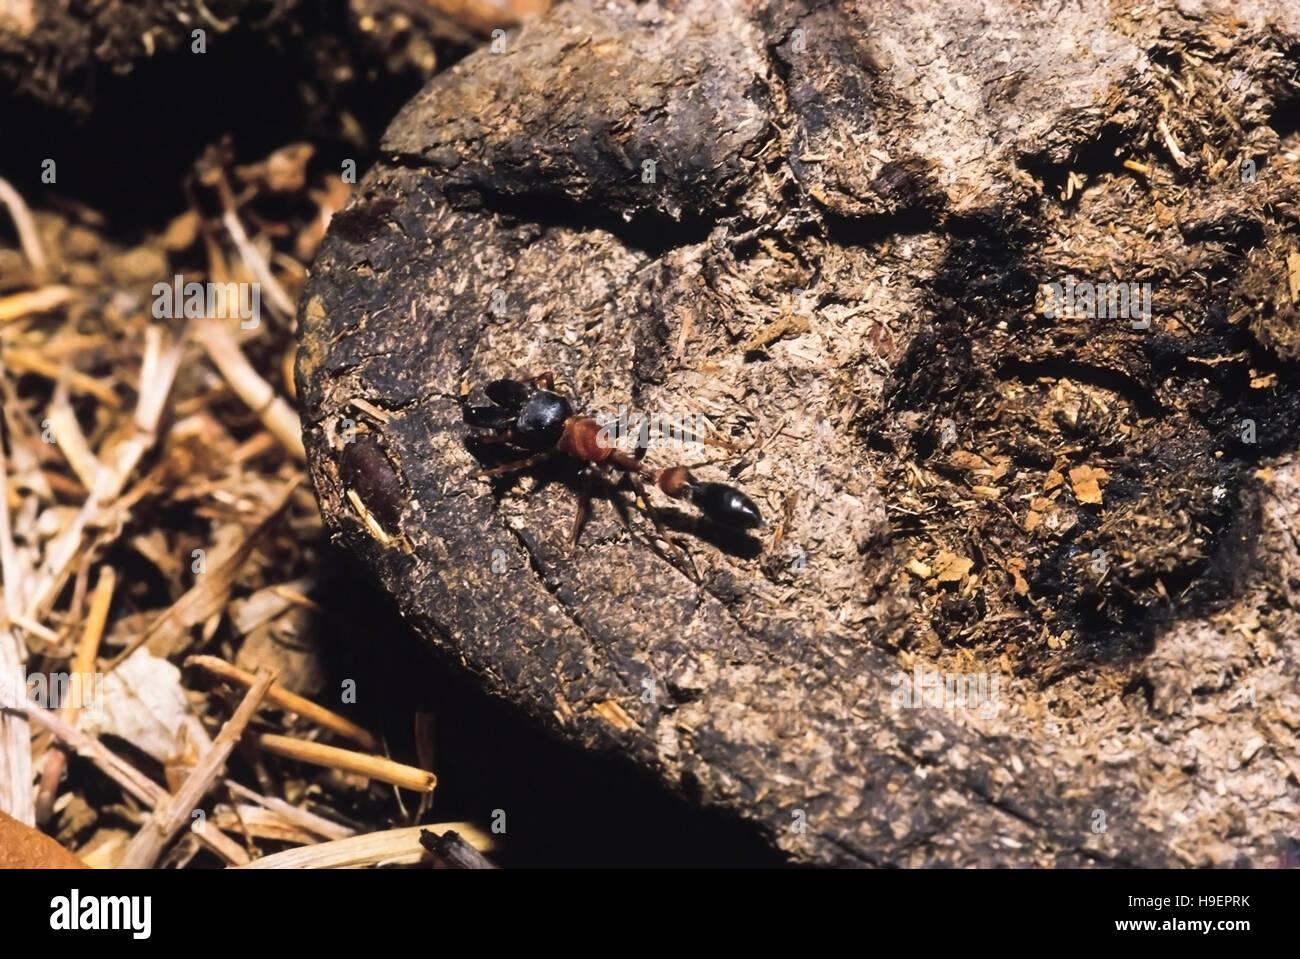 Ant-Mimic Spinne. Karnataka, Indien. Stockbild